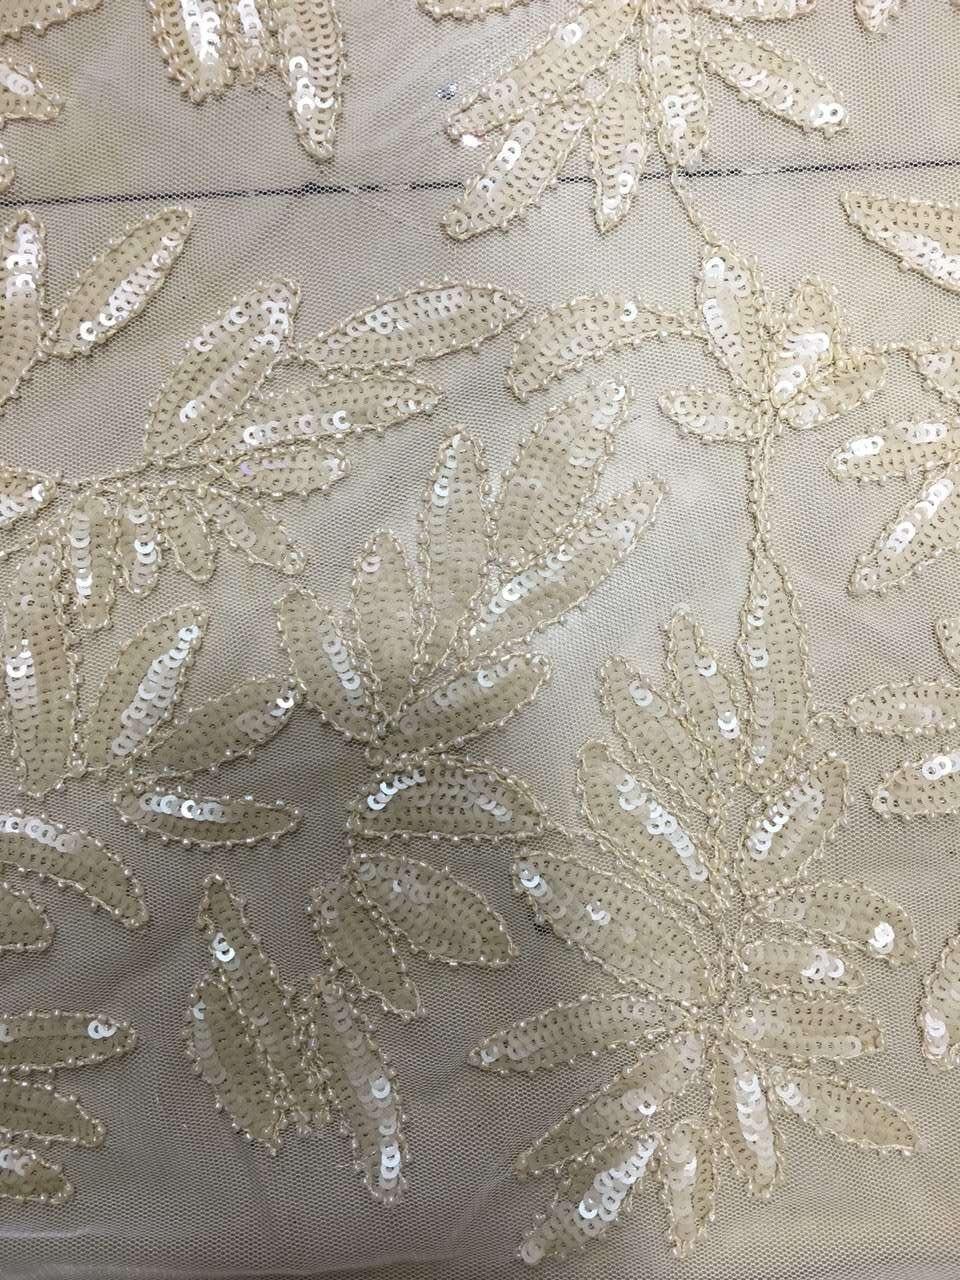 Nouveauté dentelle africaine française blanc cassé avec paillettes et perles de verre nigéria style Tulle dentelle tissu pour tissu de mariage